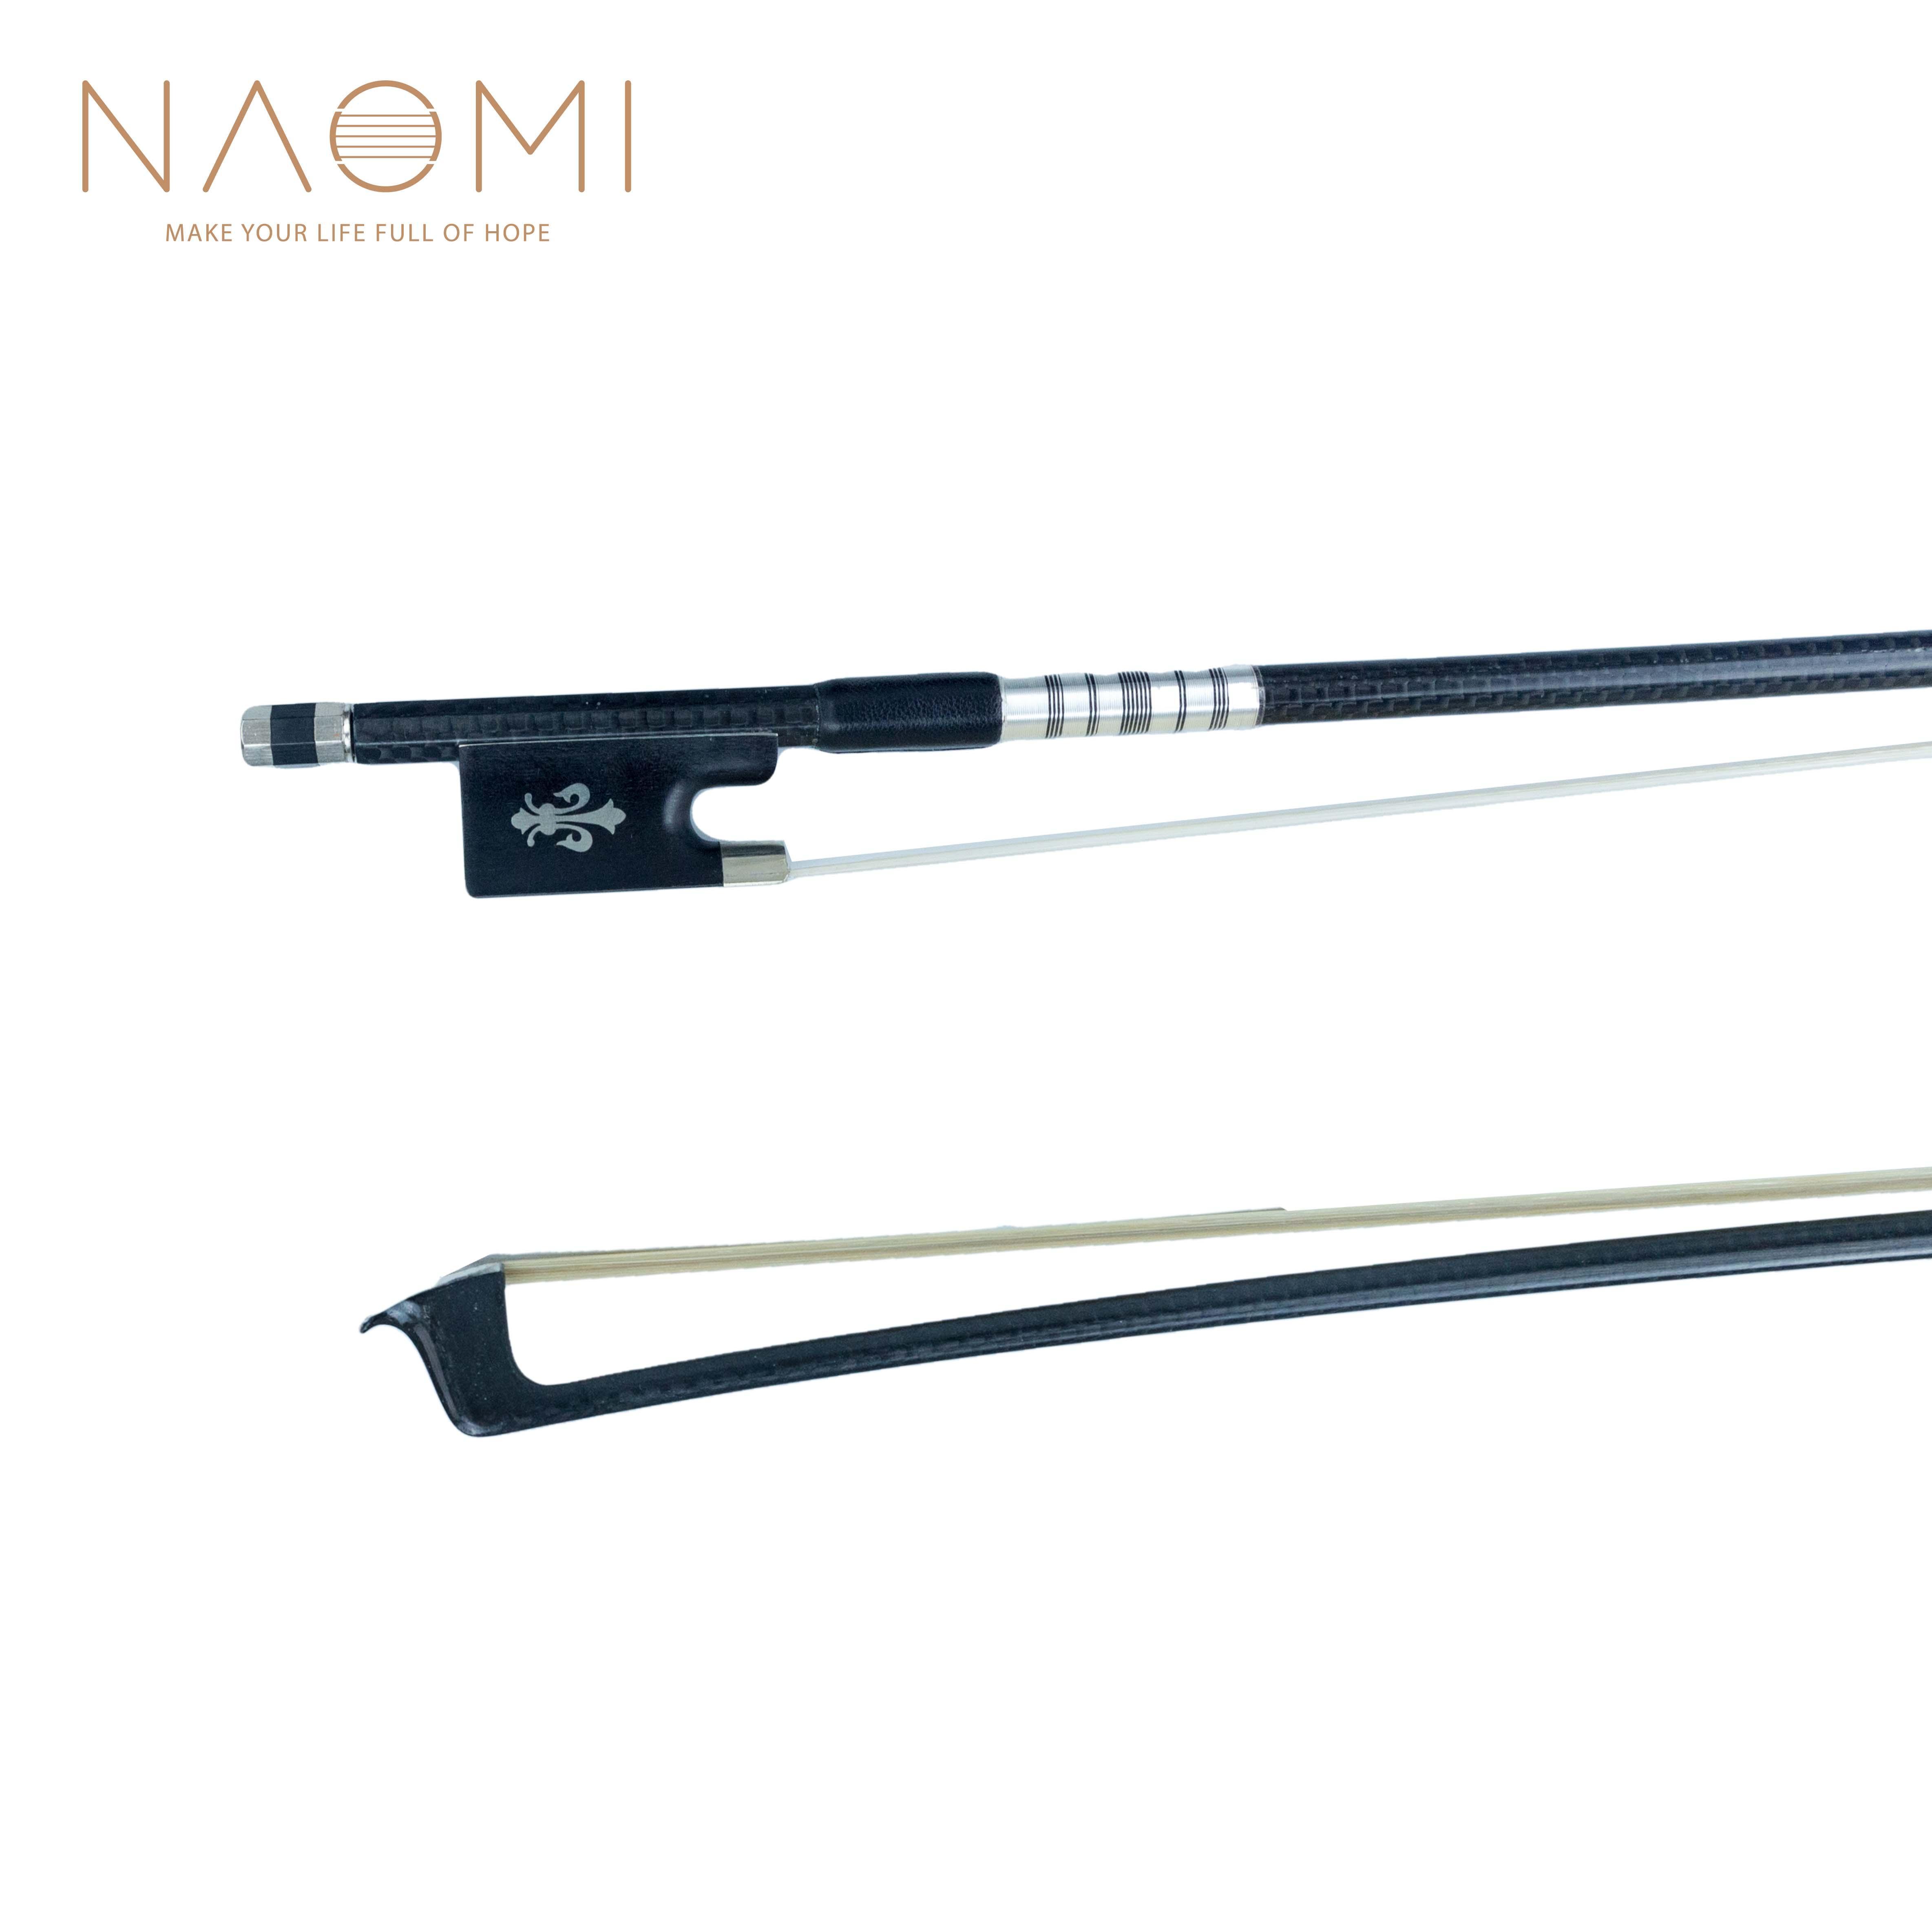 나오미 바이올린 활 4/4 바이올린 음 균형을위한 새로운 4/4 크기 탄소 섬유 활 W / 흑단 개구리 고품질 소매 용